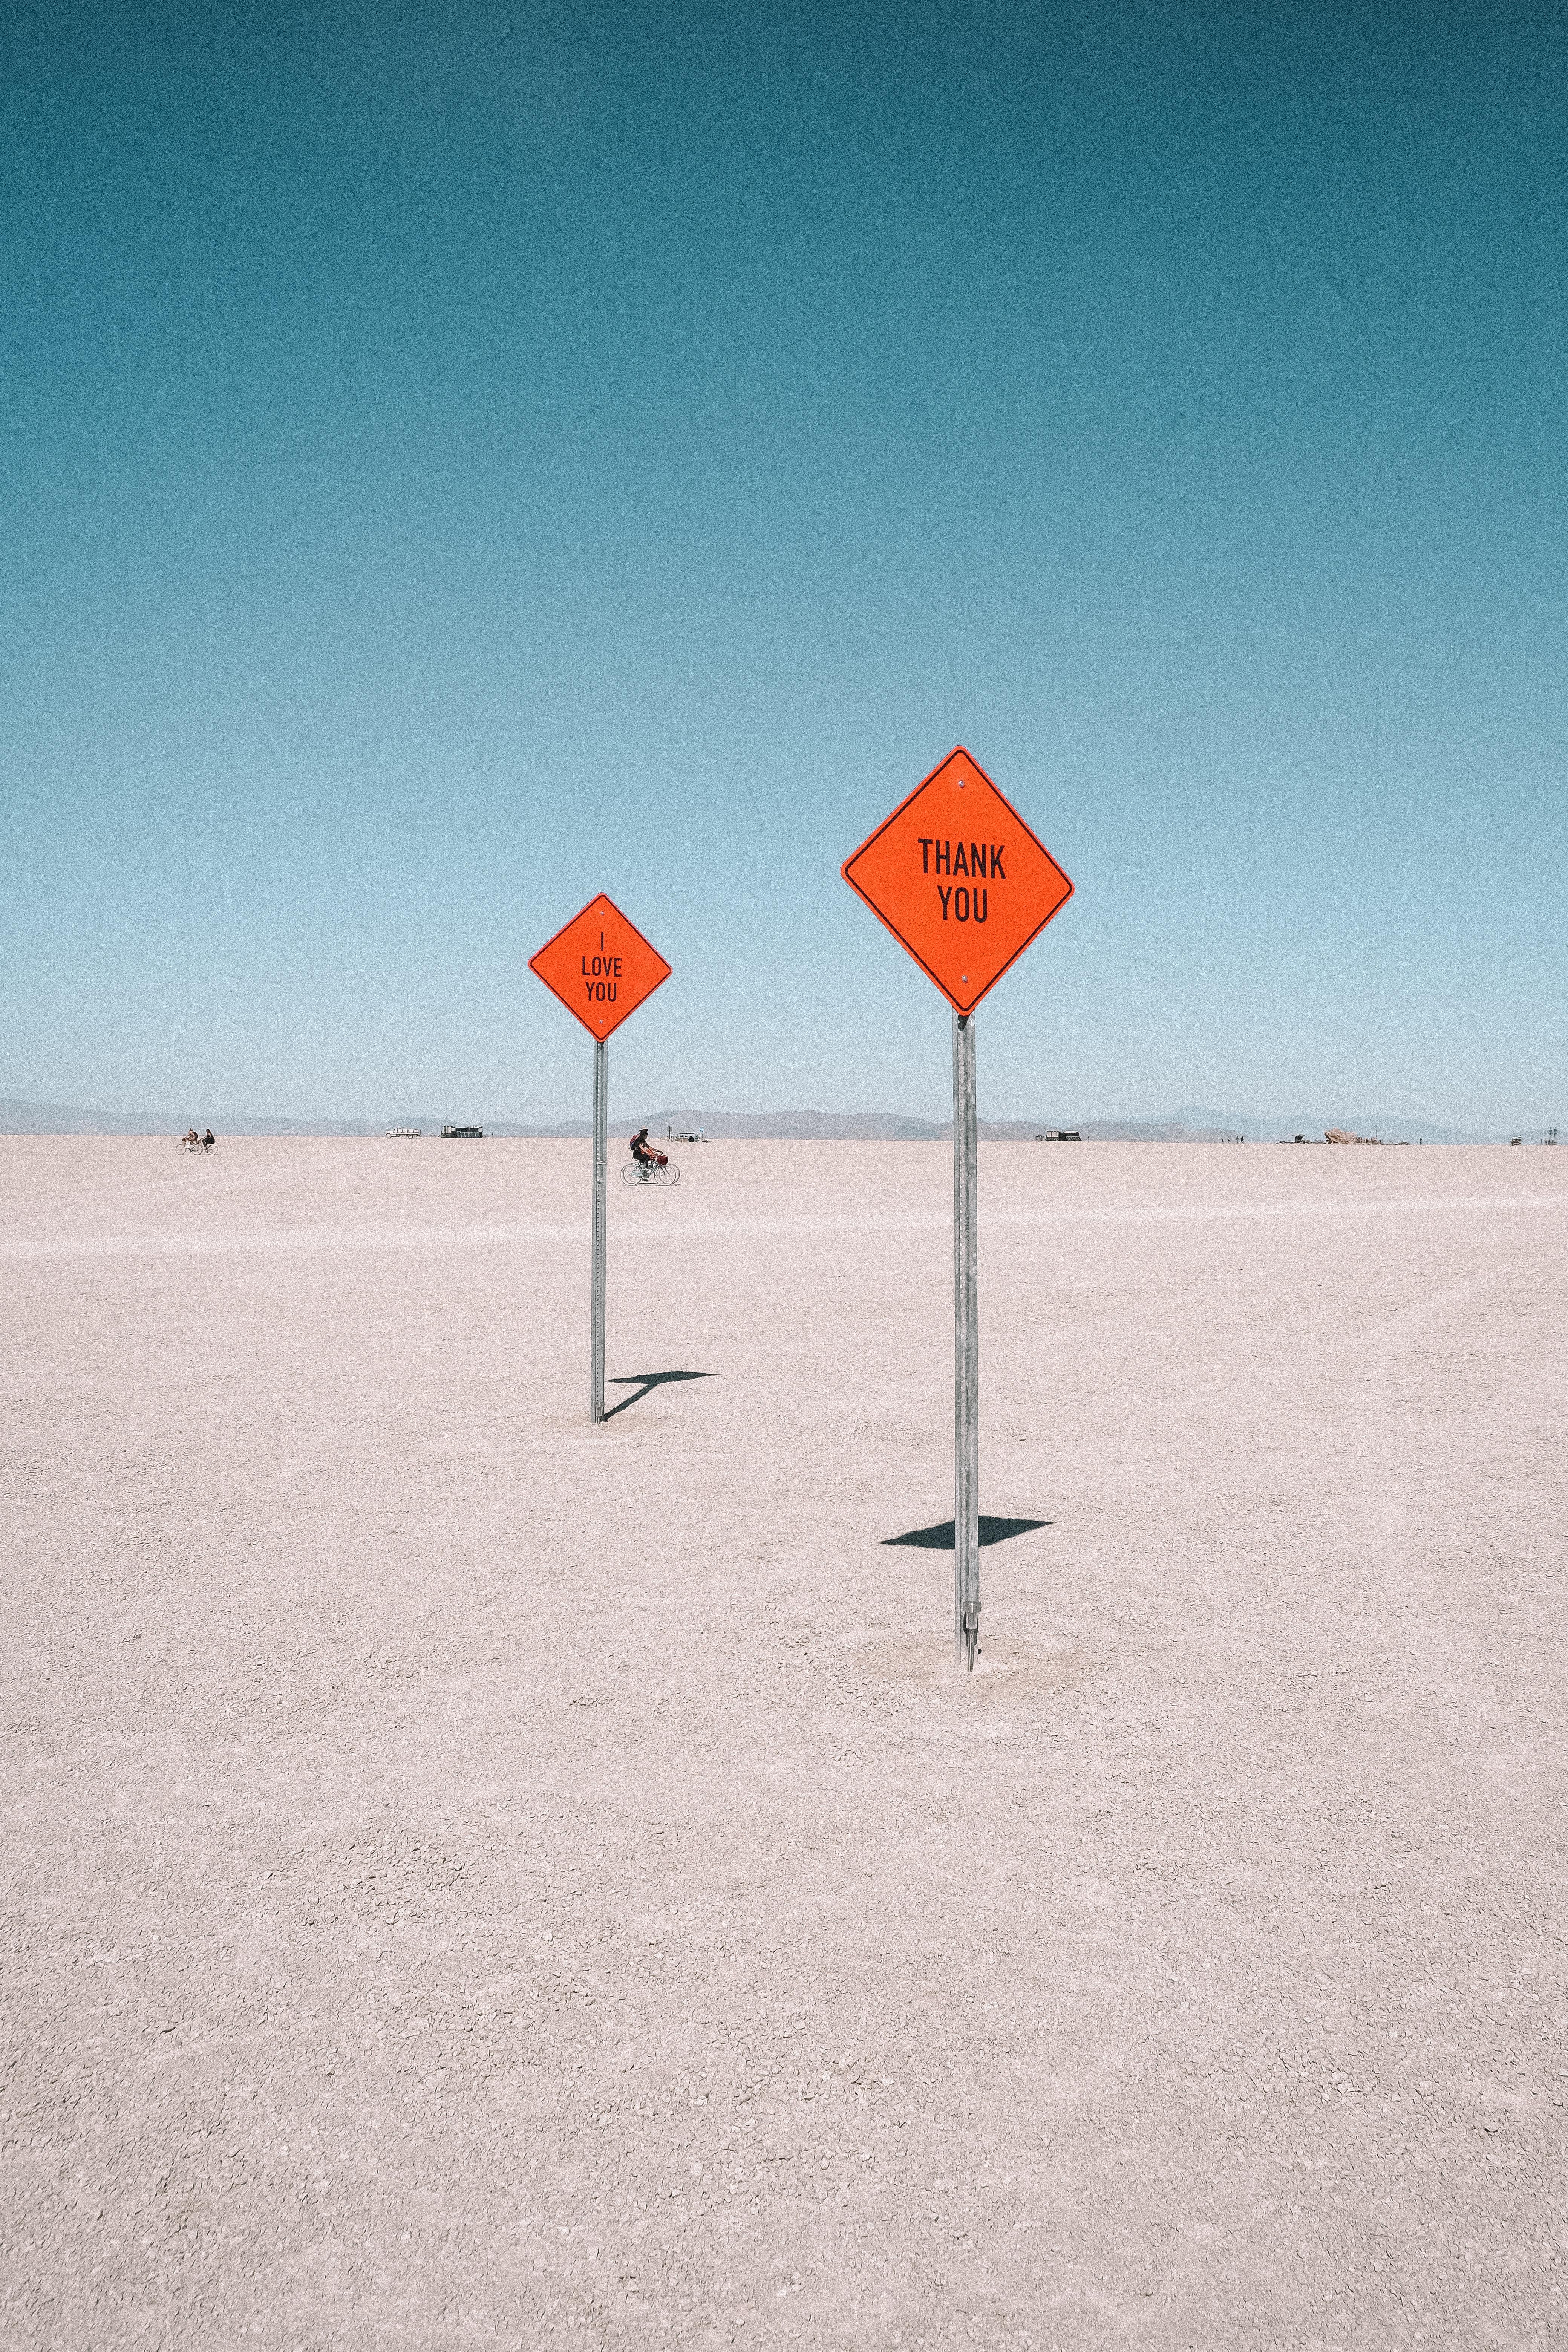 90659 скачать обои Пустыня, Знаки, Слова, Текст, Надписи - заставки и картинки бесплатно